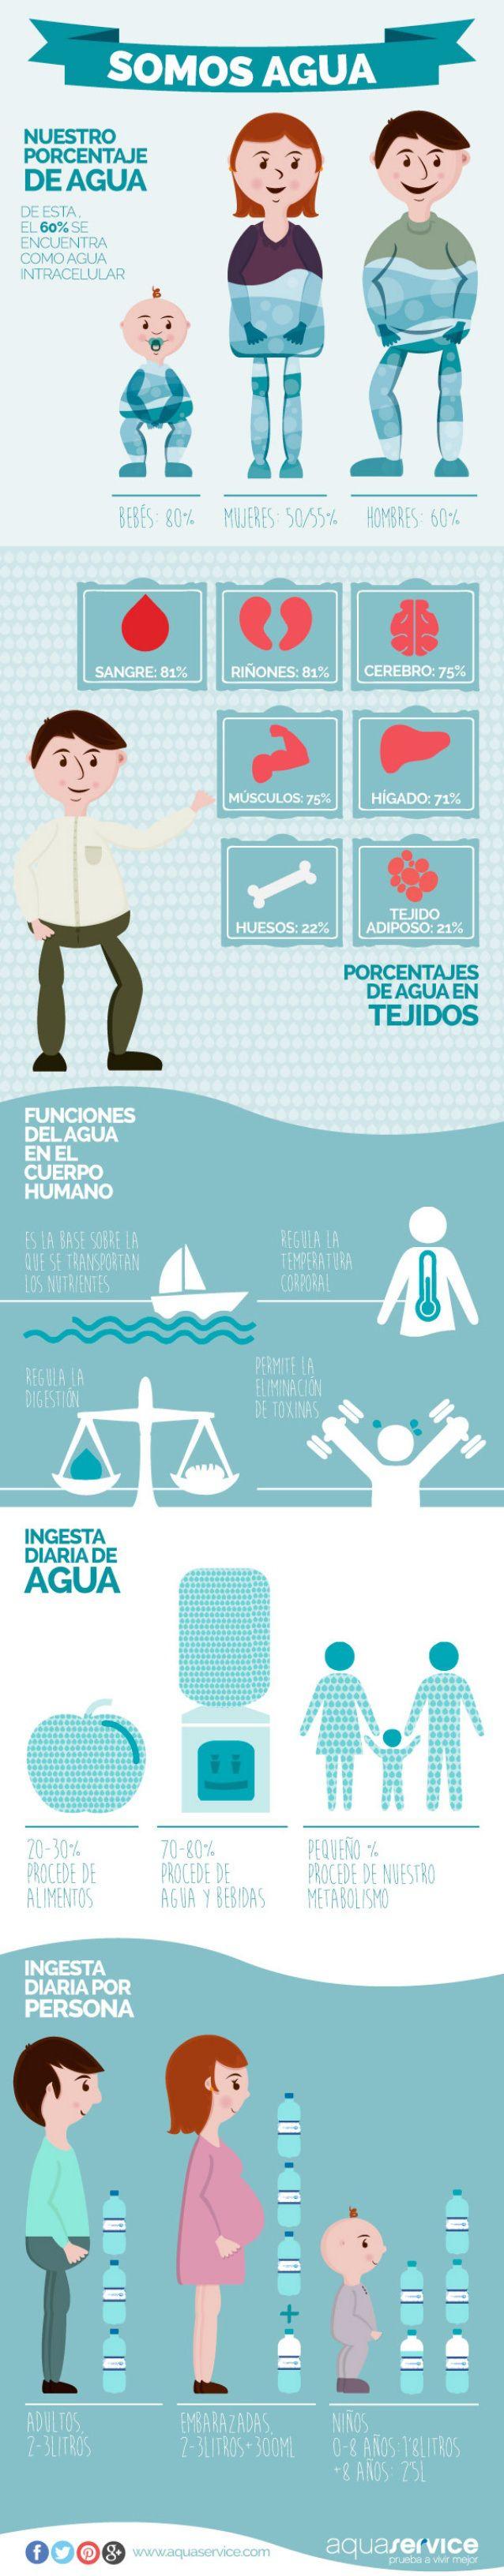 Somos agua #infografia